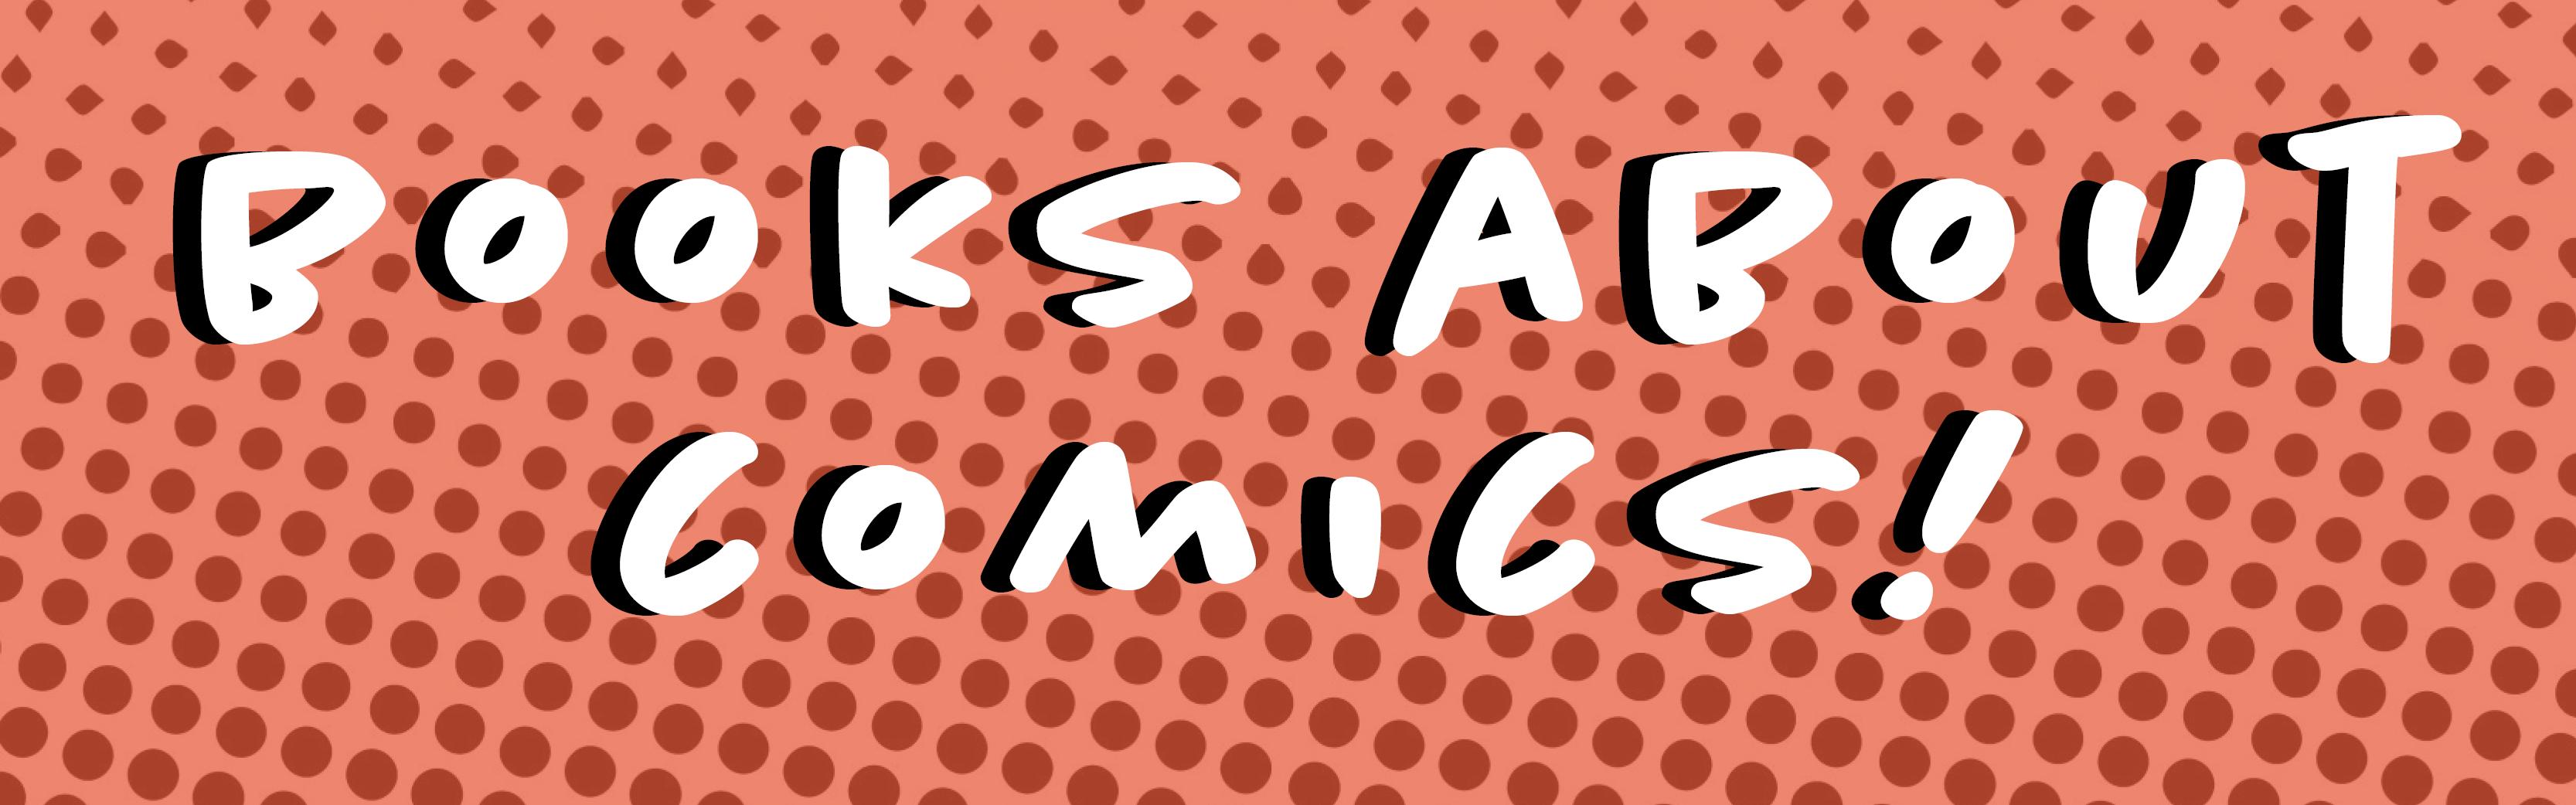 booksoncomics